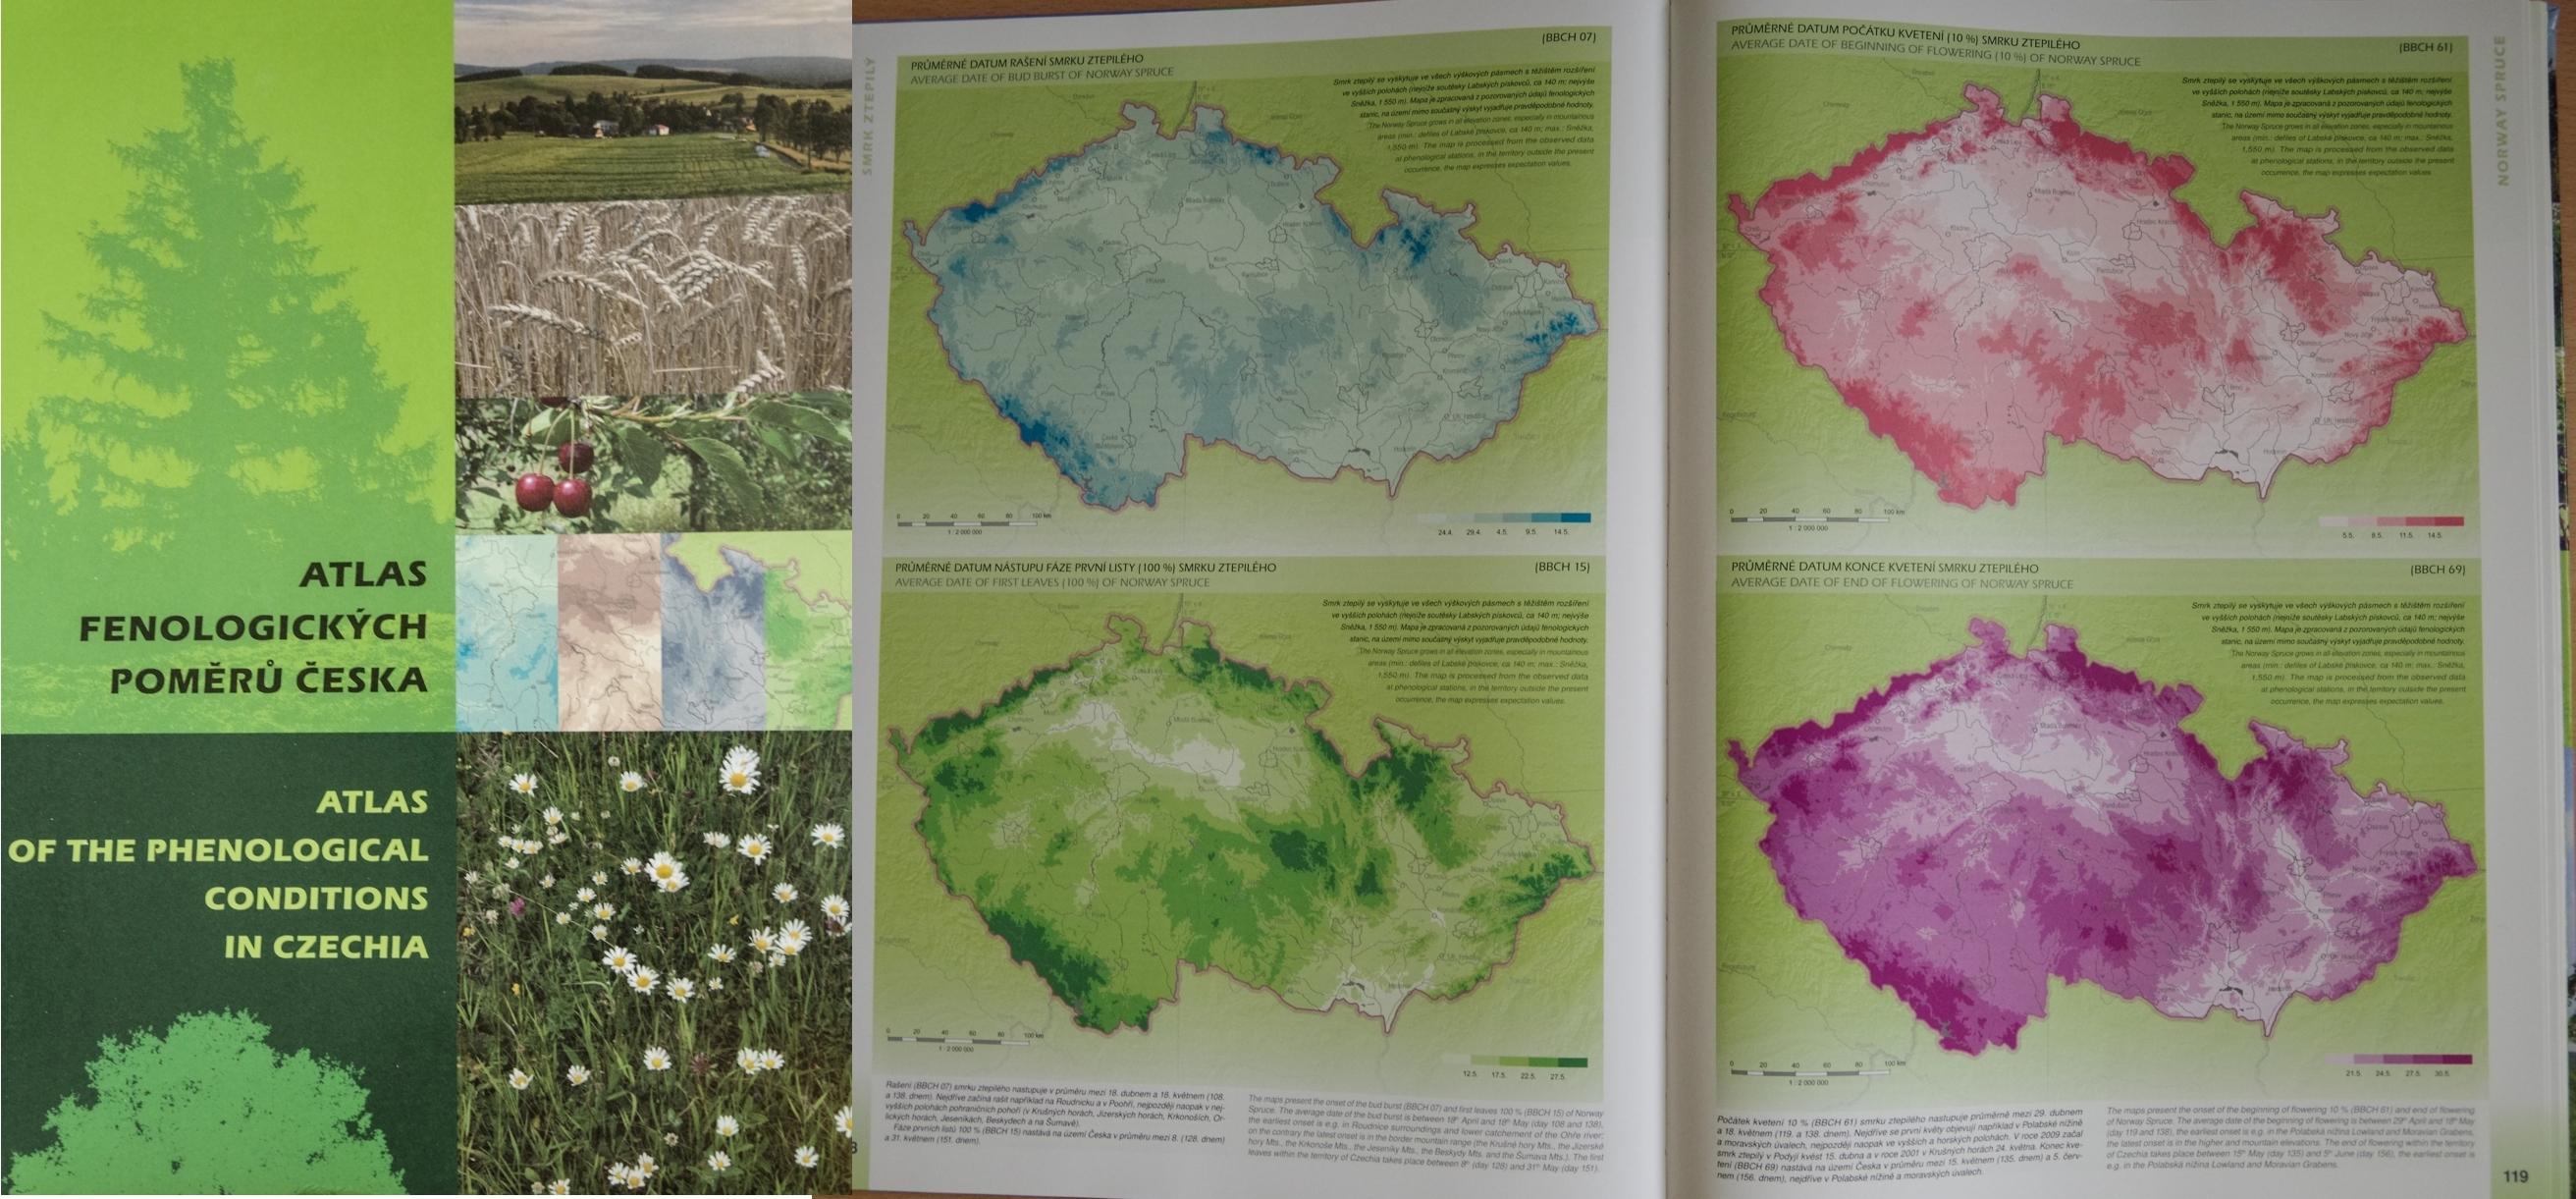 Atlas fenologických poměrů Česka  – Český hydrometeorologický ústav a Univerzita Palackého v Olomouci